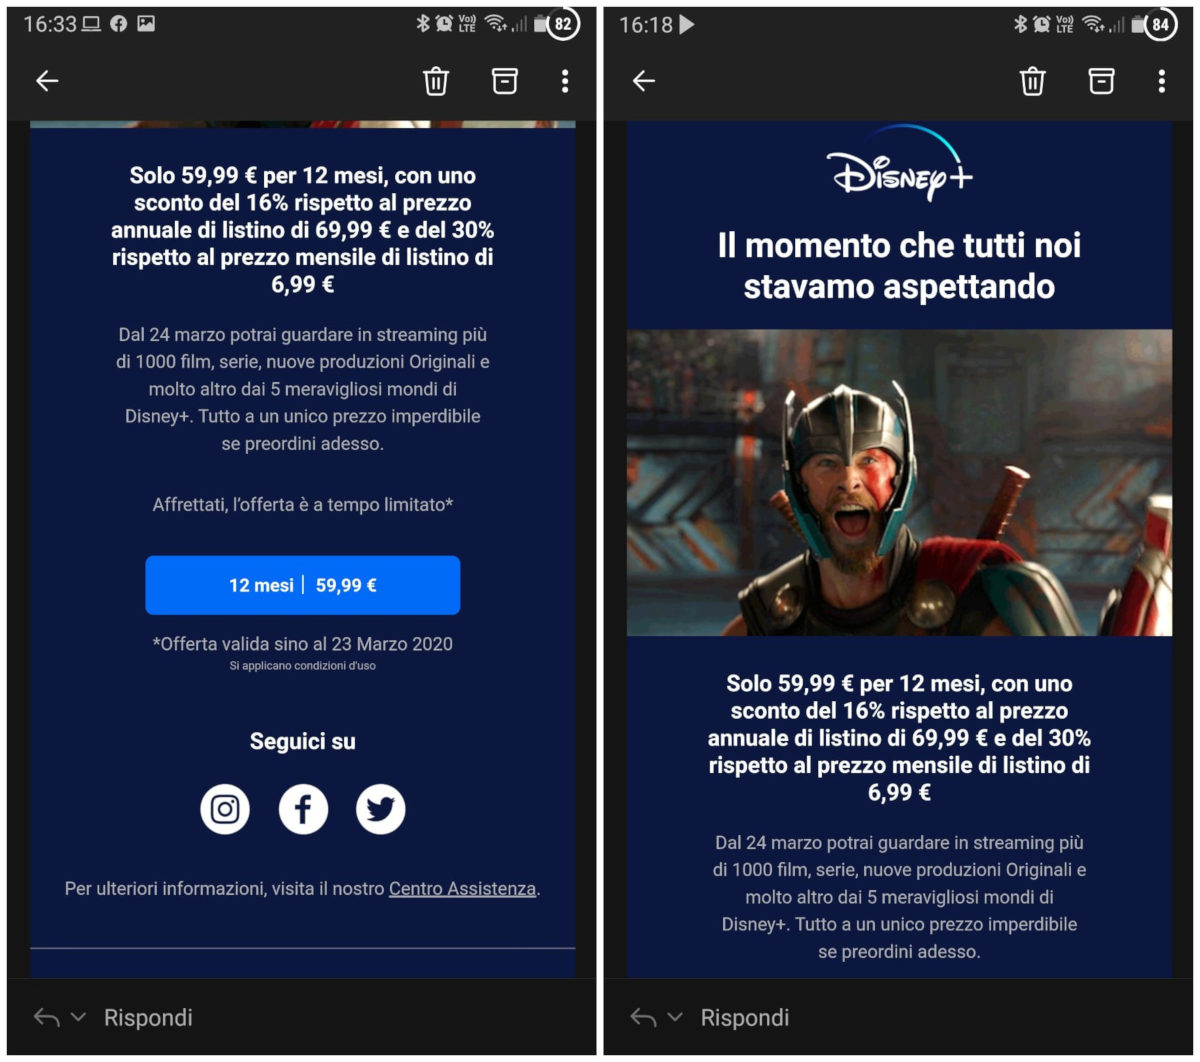 come avere Disney+ prezzi